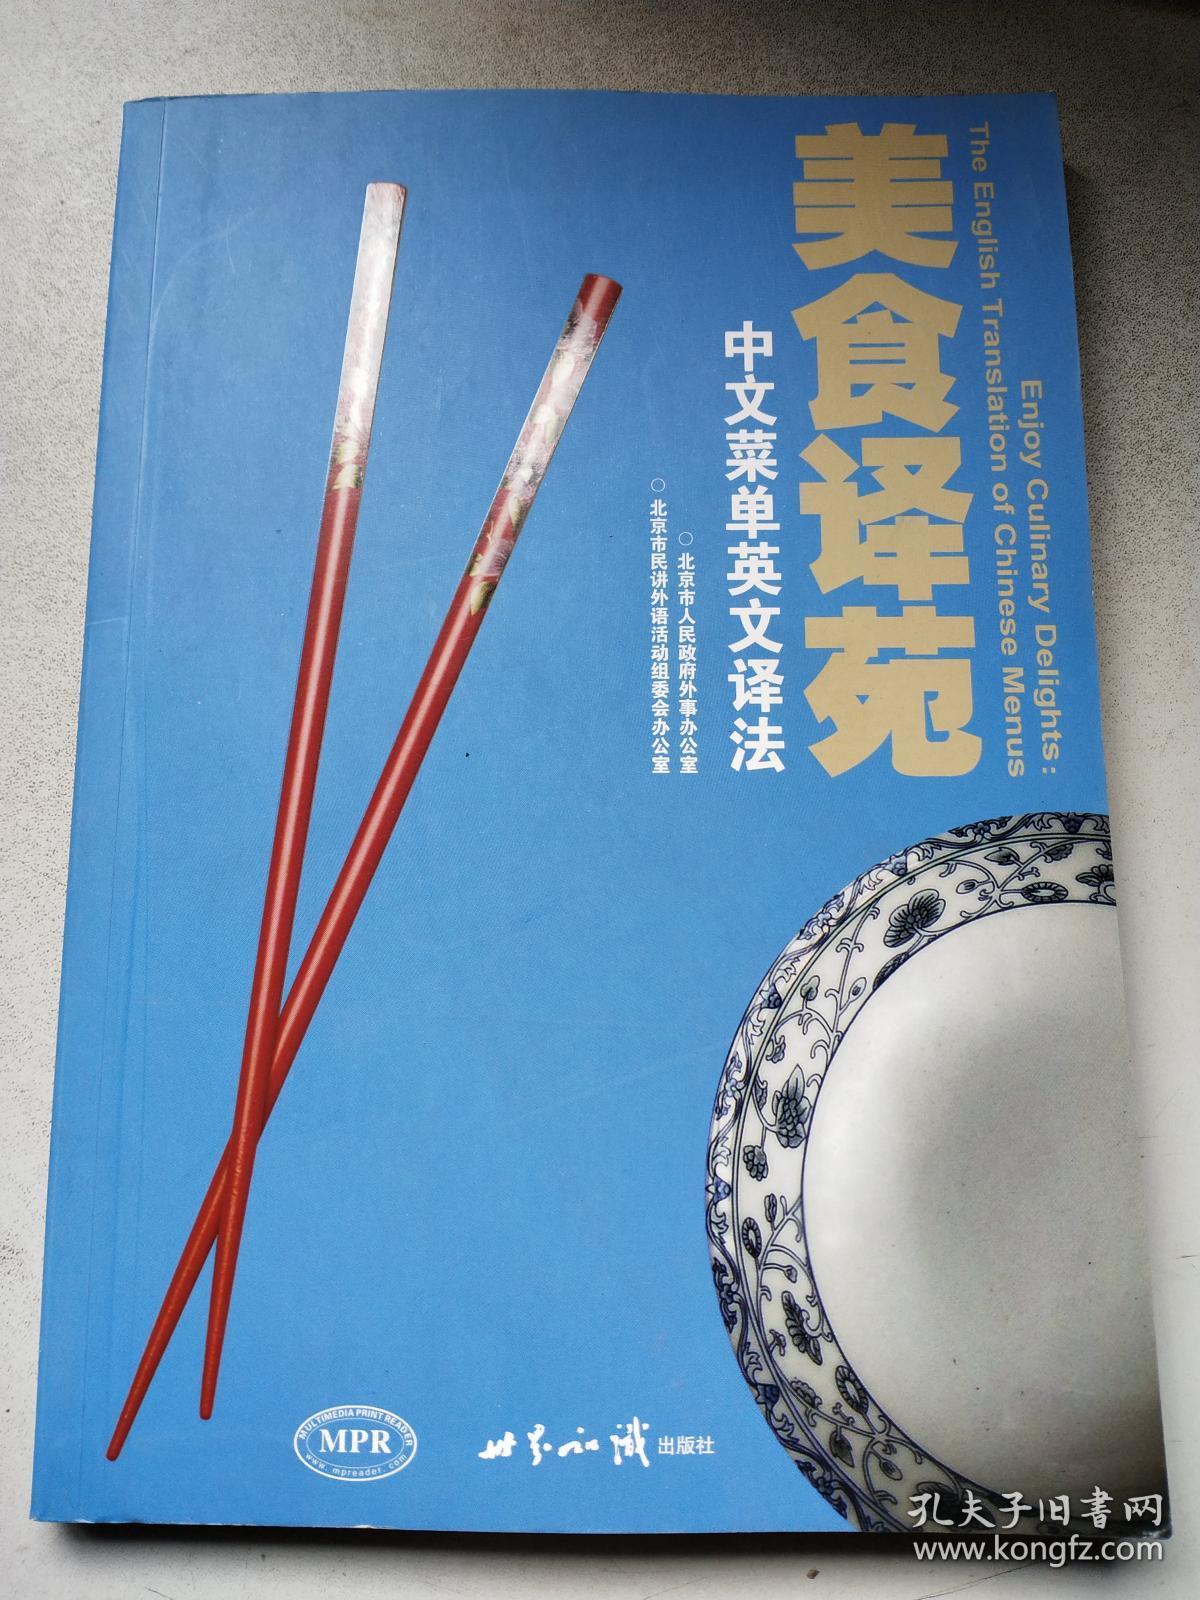 美食译苑英文菜单中文美食(附译法)上海楼和丰光盘图片